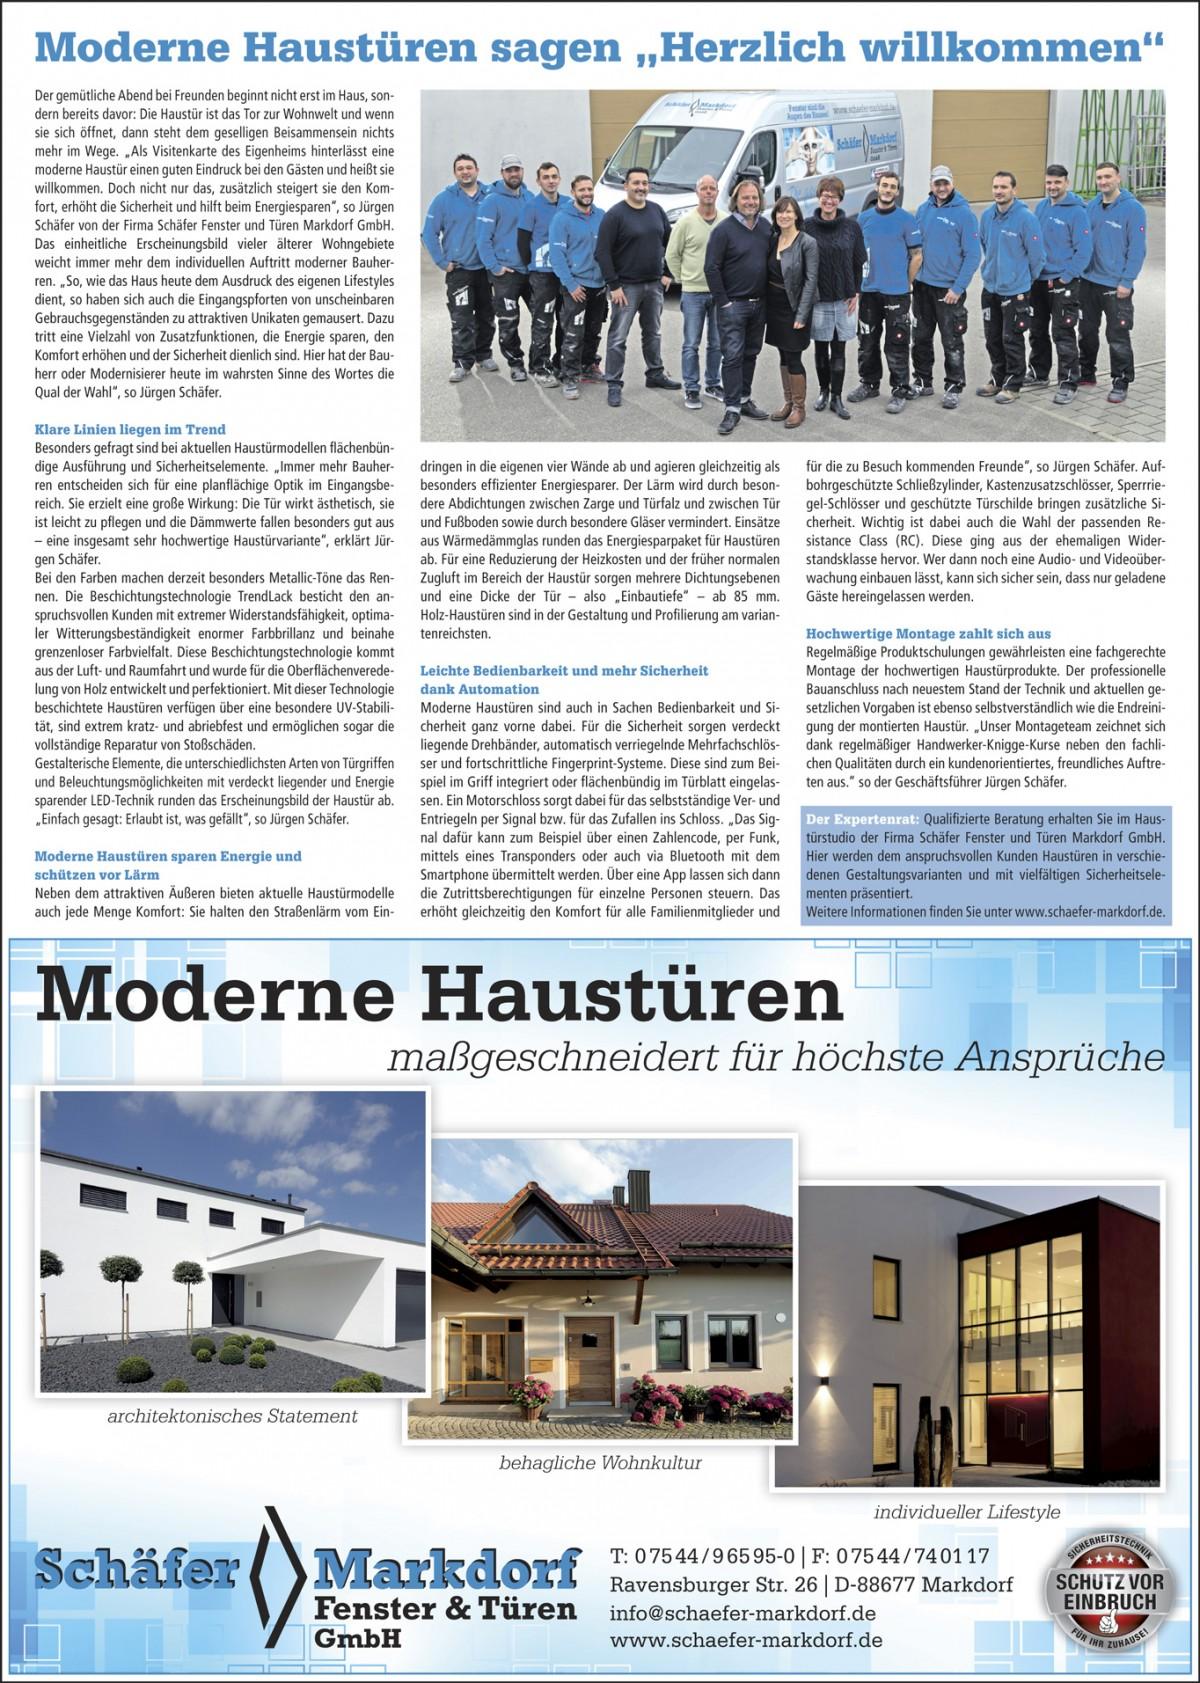 Moderne Haustüren von Schäfer Fenster & Türen Markdorf